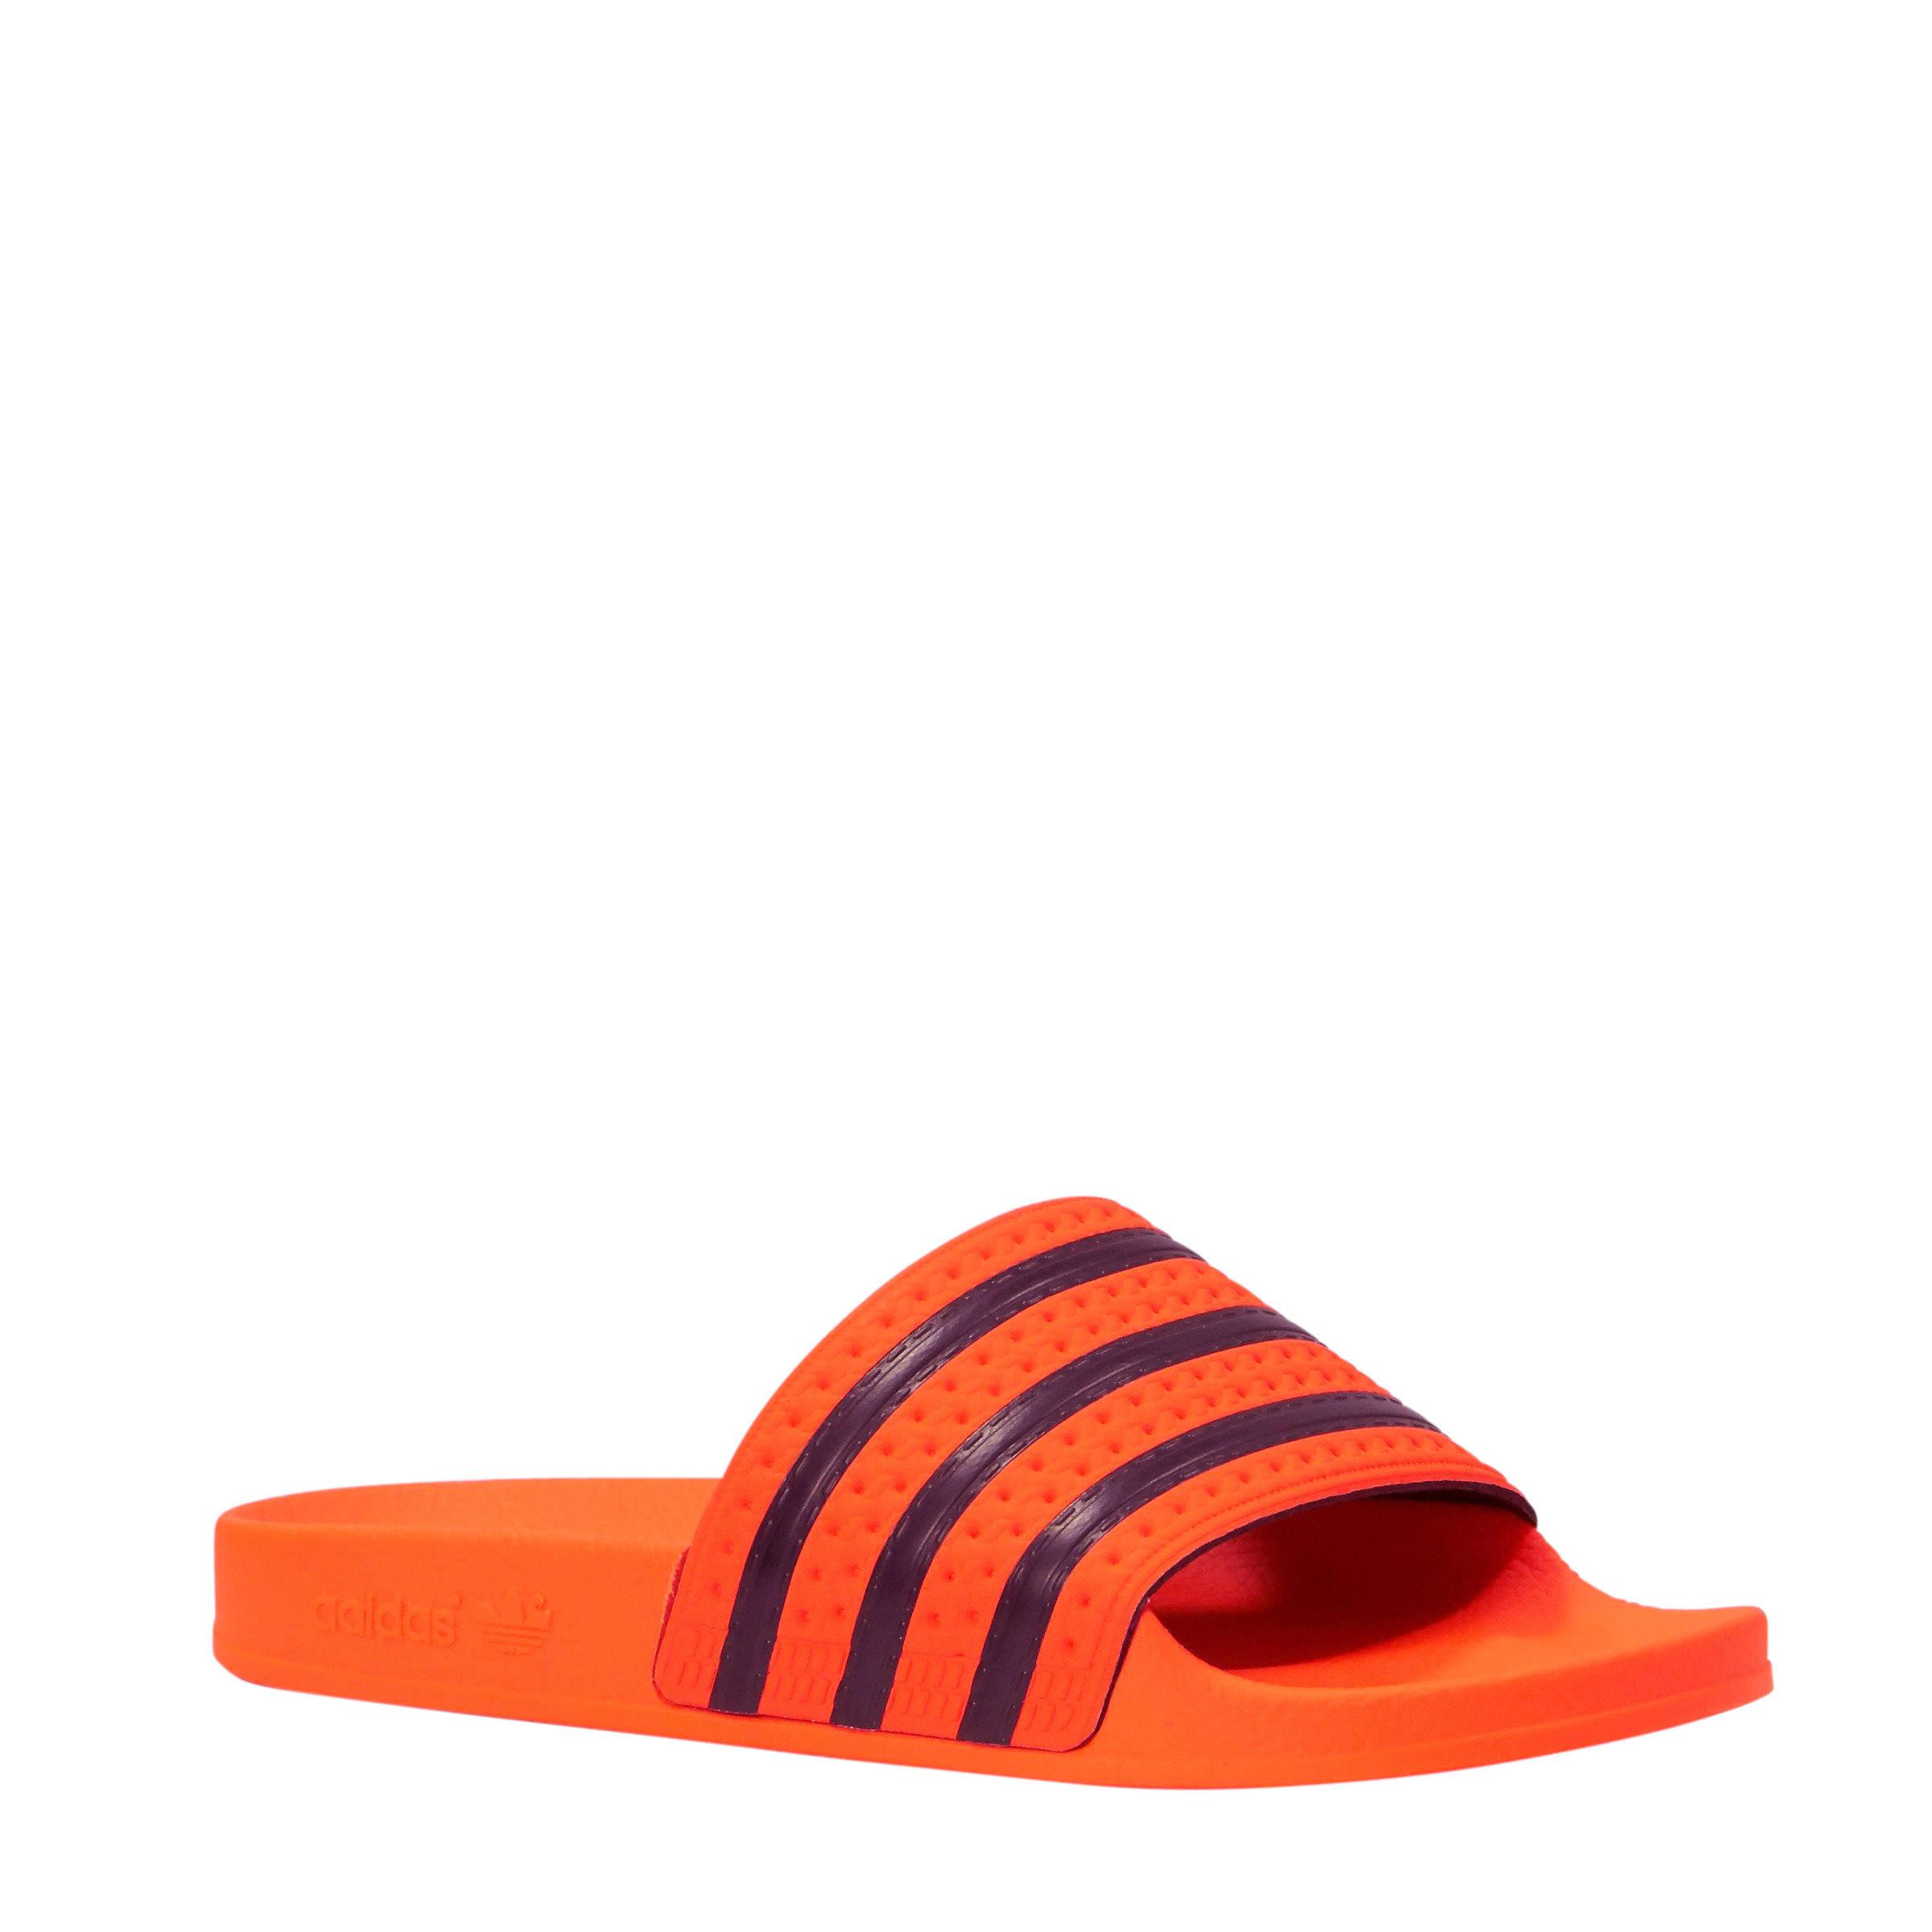 8344bc551f9 Heren schoenen bij wehkamp - Gratis bezorging vanaf 20.-